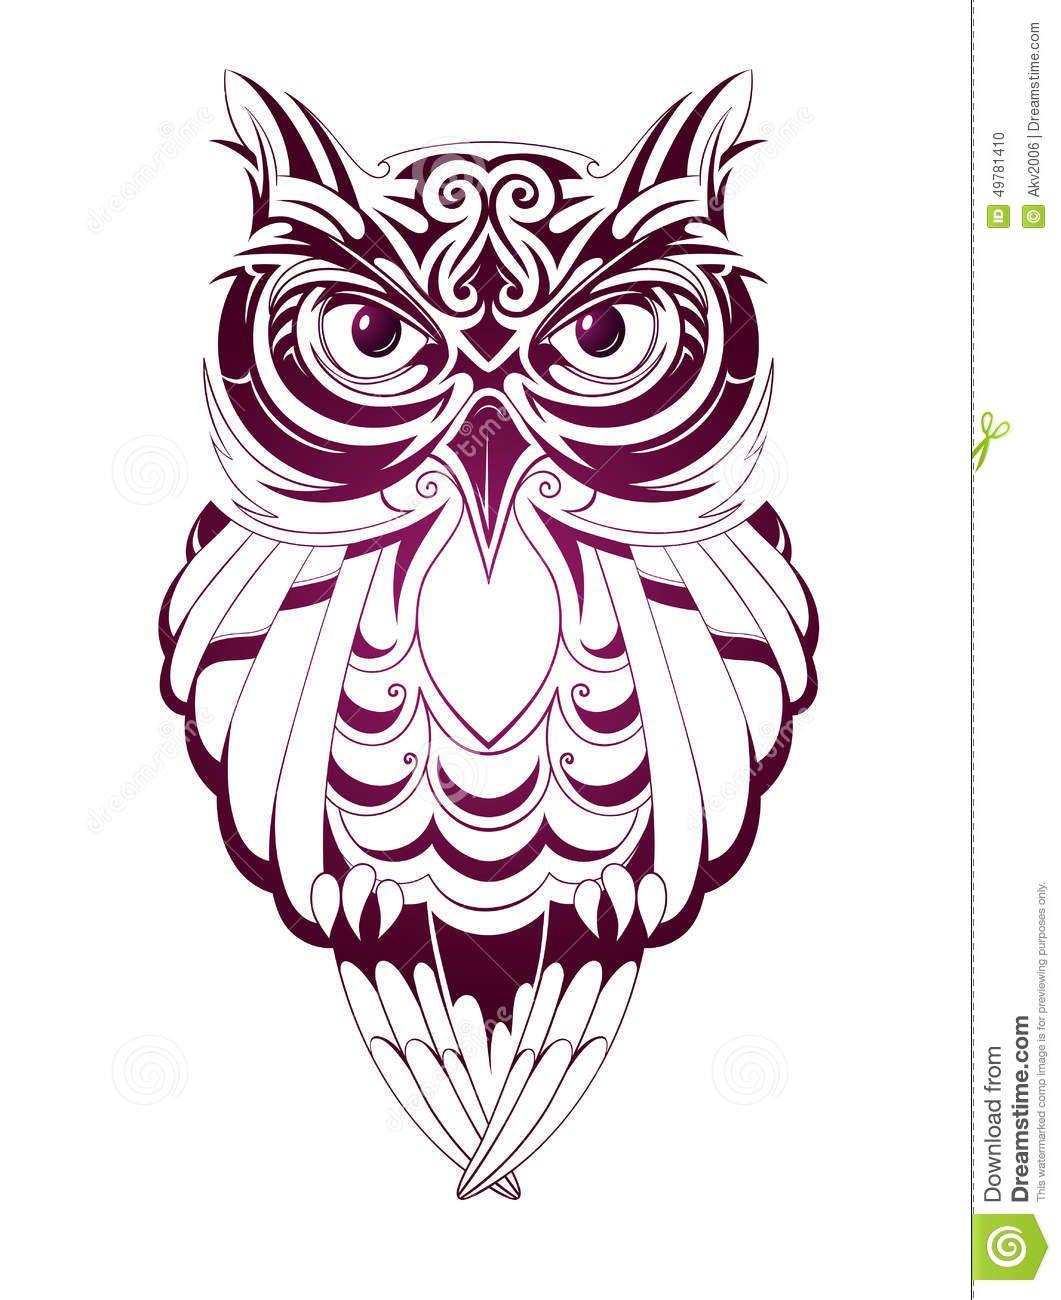 Owl Tattoo Owl Tattoo Geometric Owl Tattoo Tribal Owl Tattoos